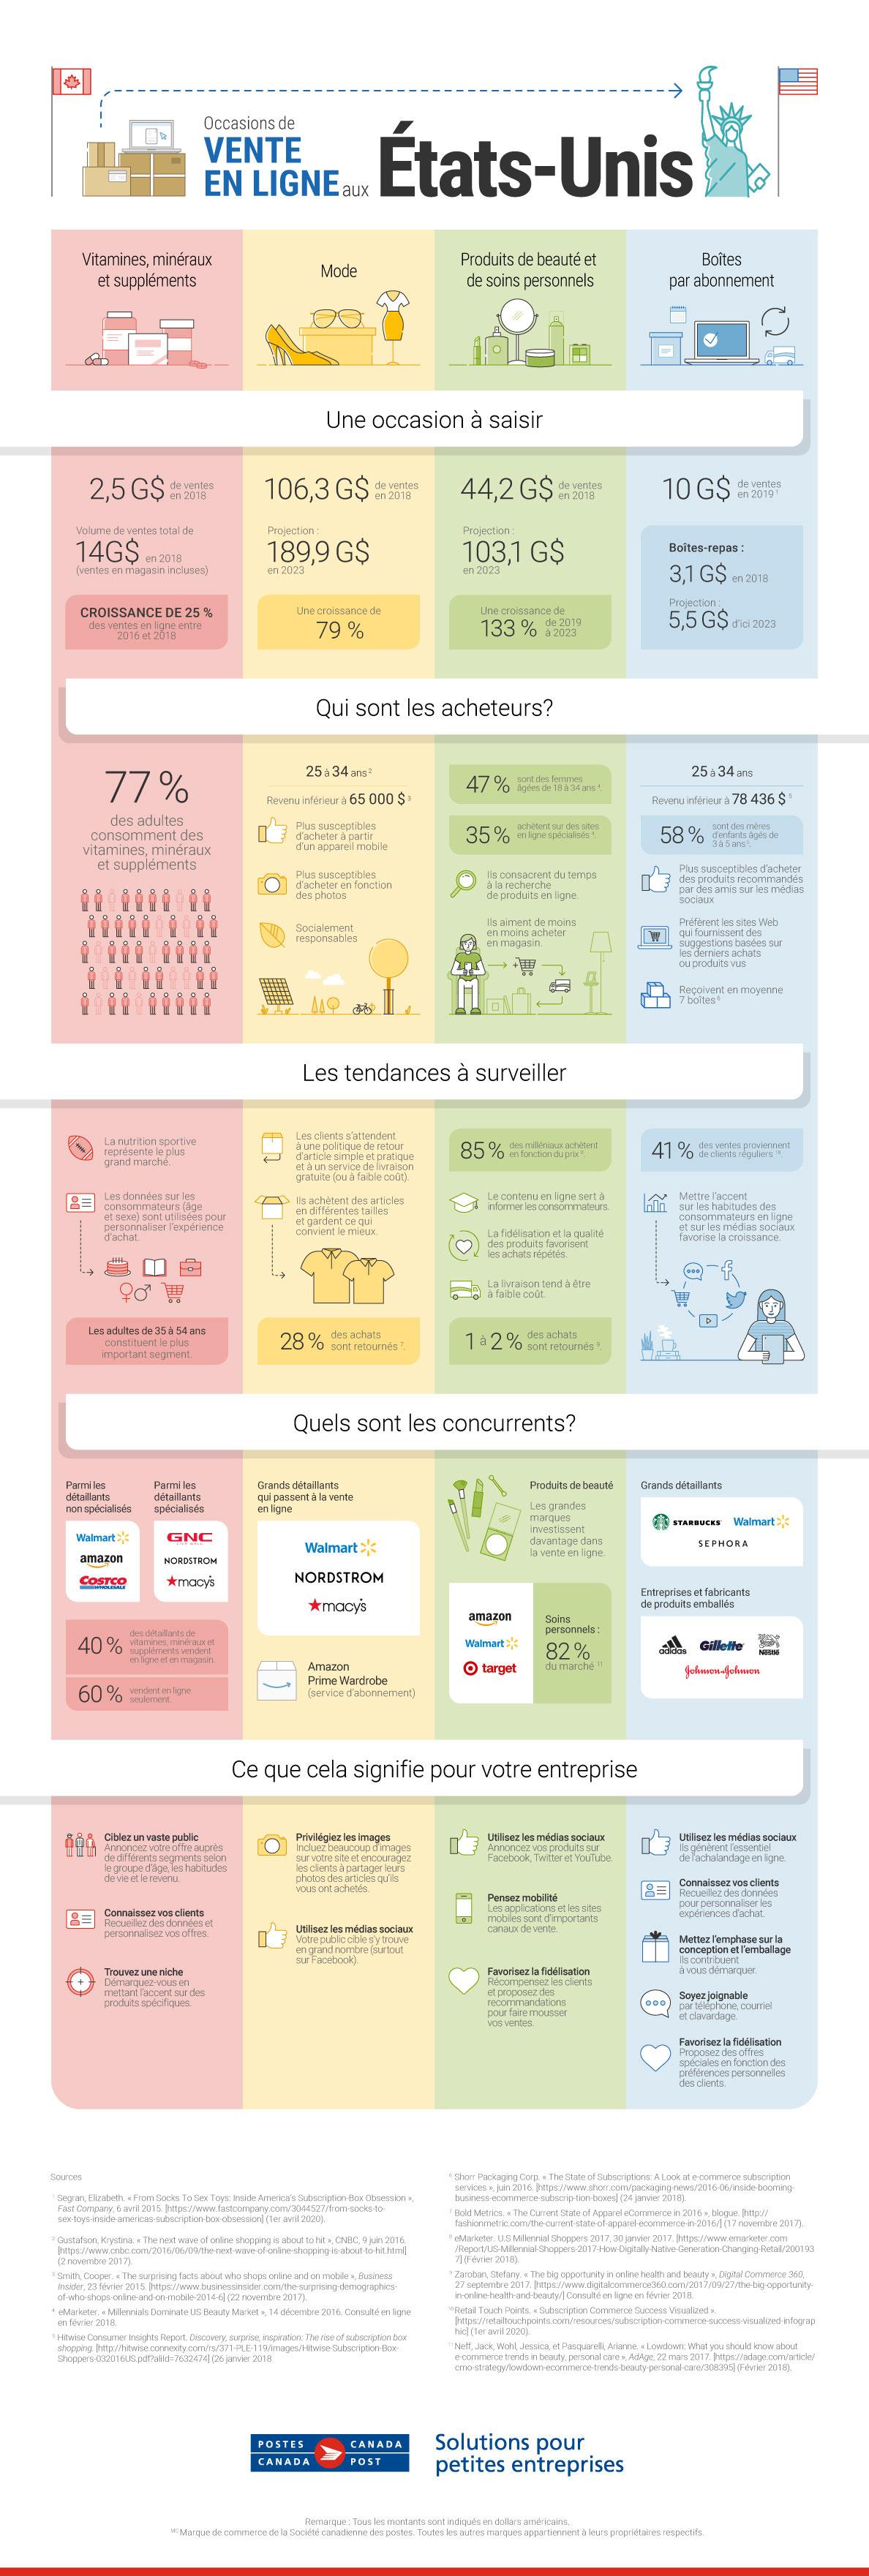 Apprenez-en davantage sur les occasions de commerce en ligne aux États-Unis. Découvrez qui sont les acheteurs, les tendances à surveiller, quels sont vos concurrents et comment votre entreprise peut tirer son épingle du jeu. Cliquez pour consulter l'infographie.